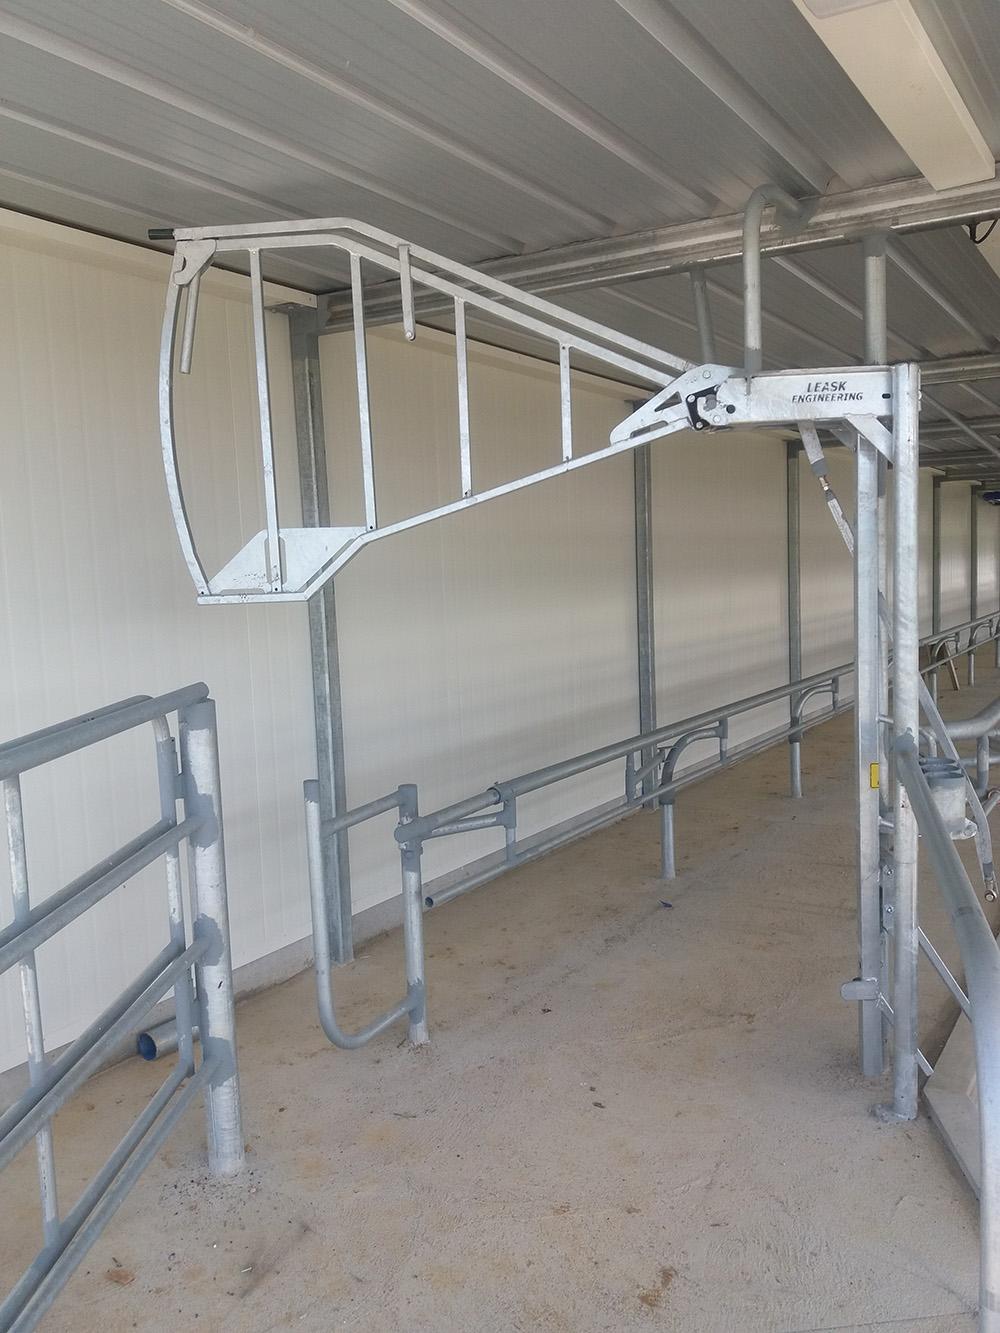 Pendulum Dairy Exit Gates